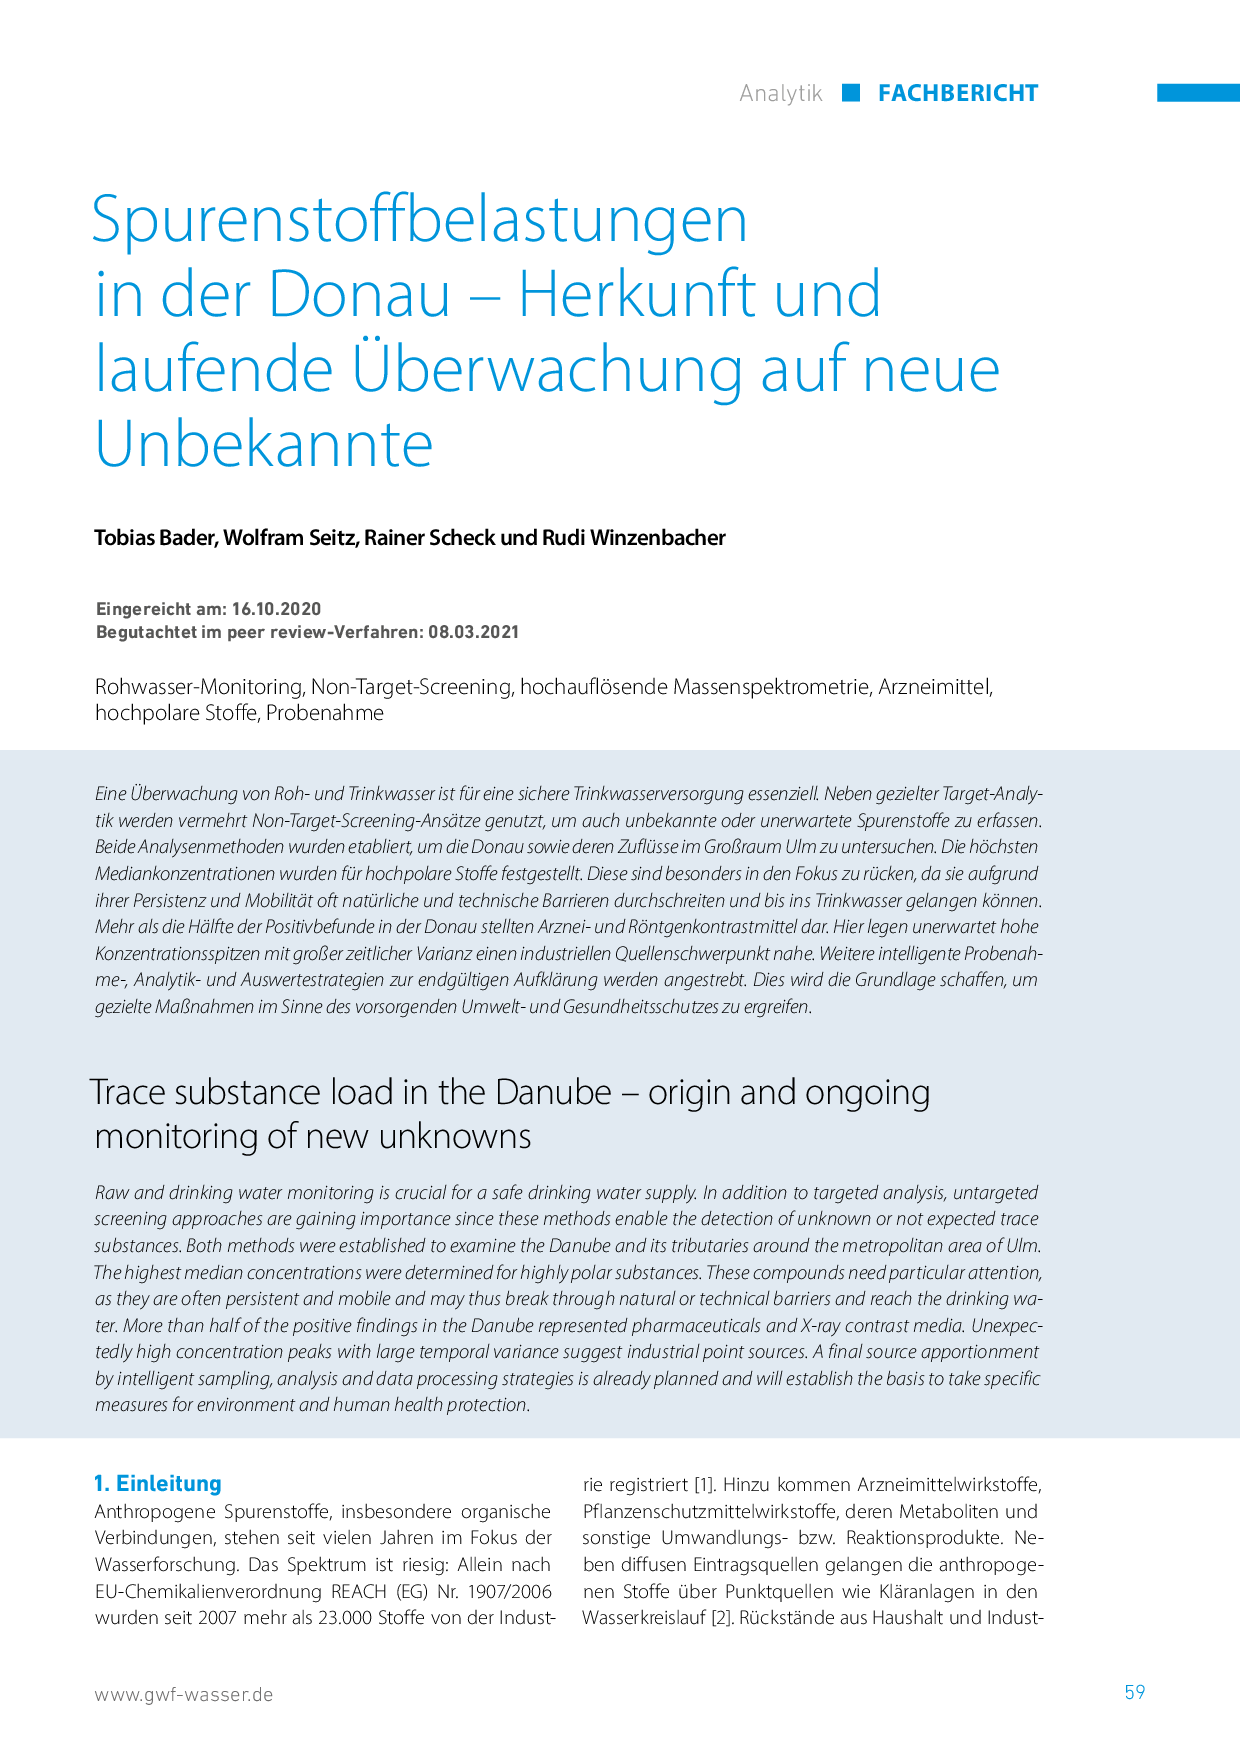 Spurenstoffbelastungen in der Donau – Herkunft und laufende Überwachung auf neue Unbekannte